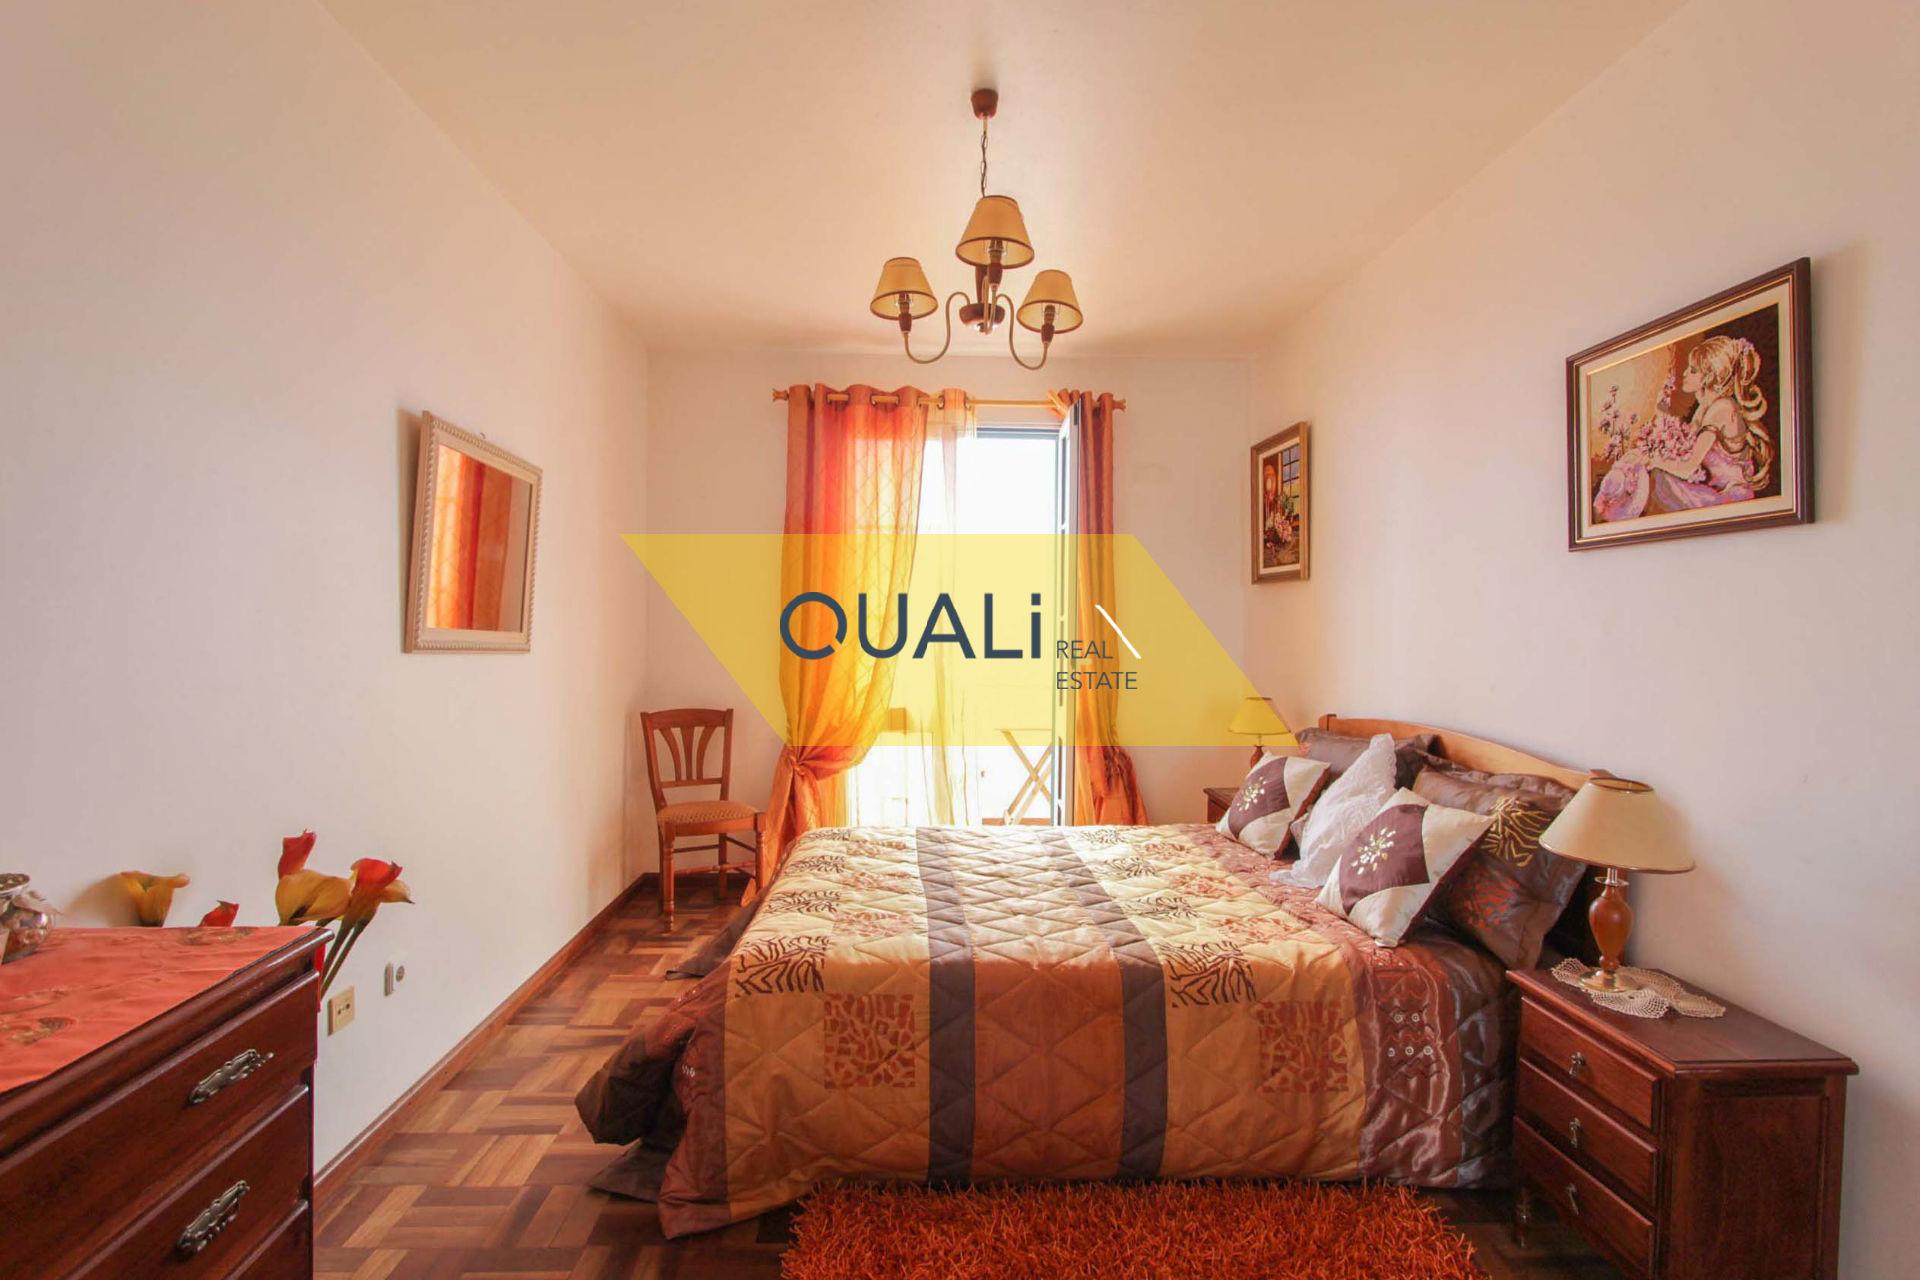 Casa con 3 dormitorios y 2 apartamentos T0 en venta - Isla de Madeira. €599.000,00